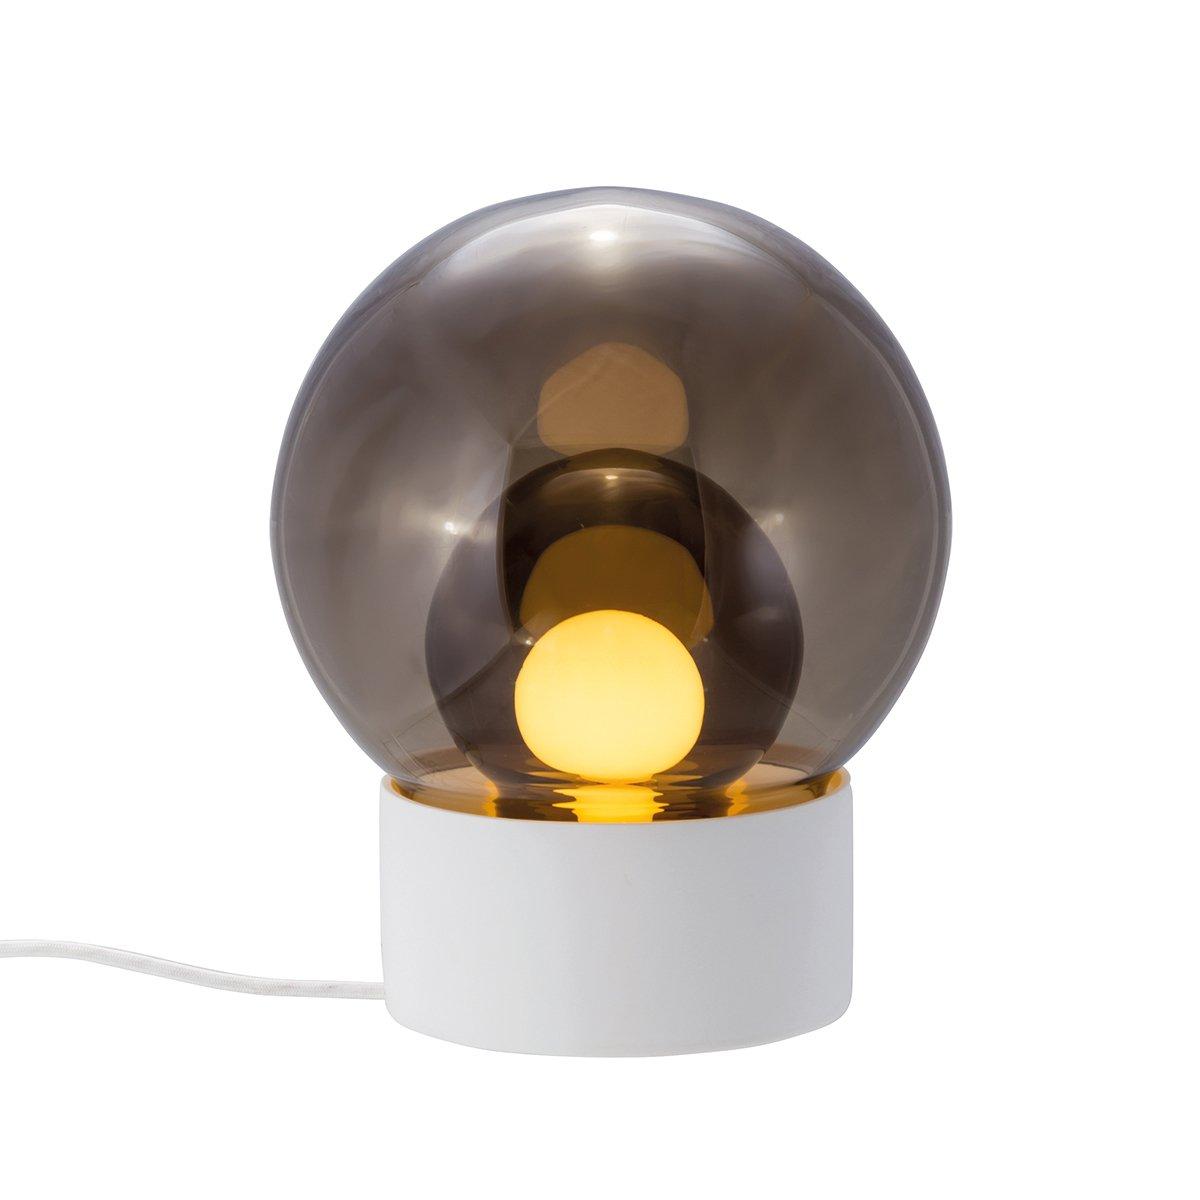 Pulpo Boule Tafellamp Sebastian Herkner - Wit - Smoke Grey